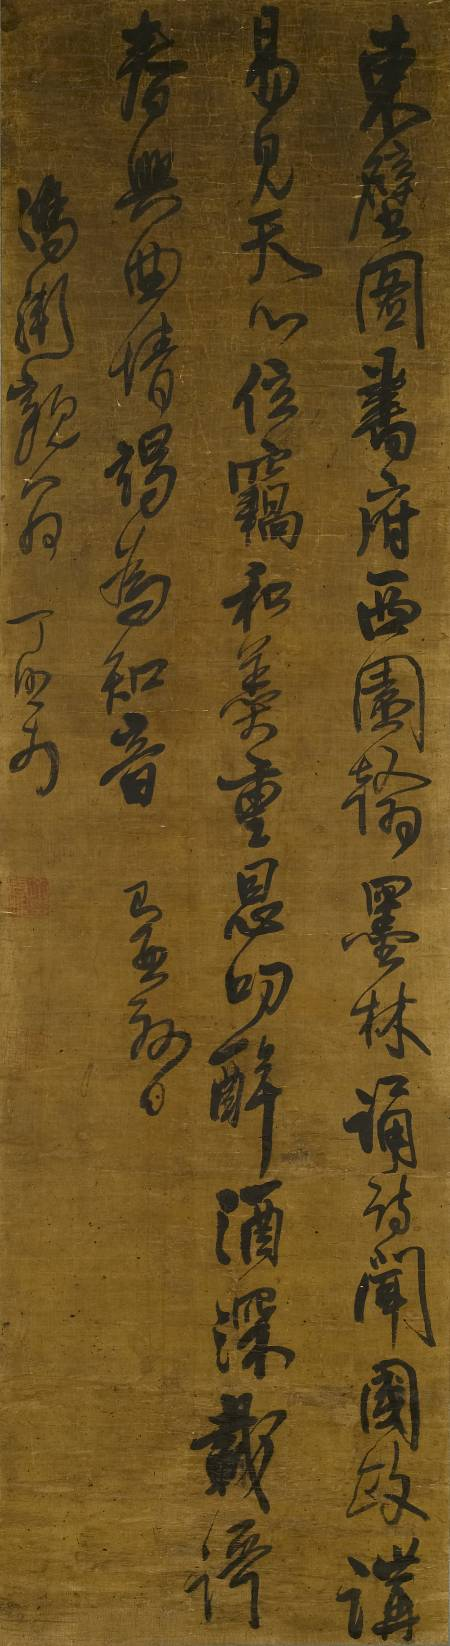 行書張說《恩制賜食於麗正殿書院宴賦得林字》立軸